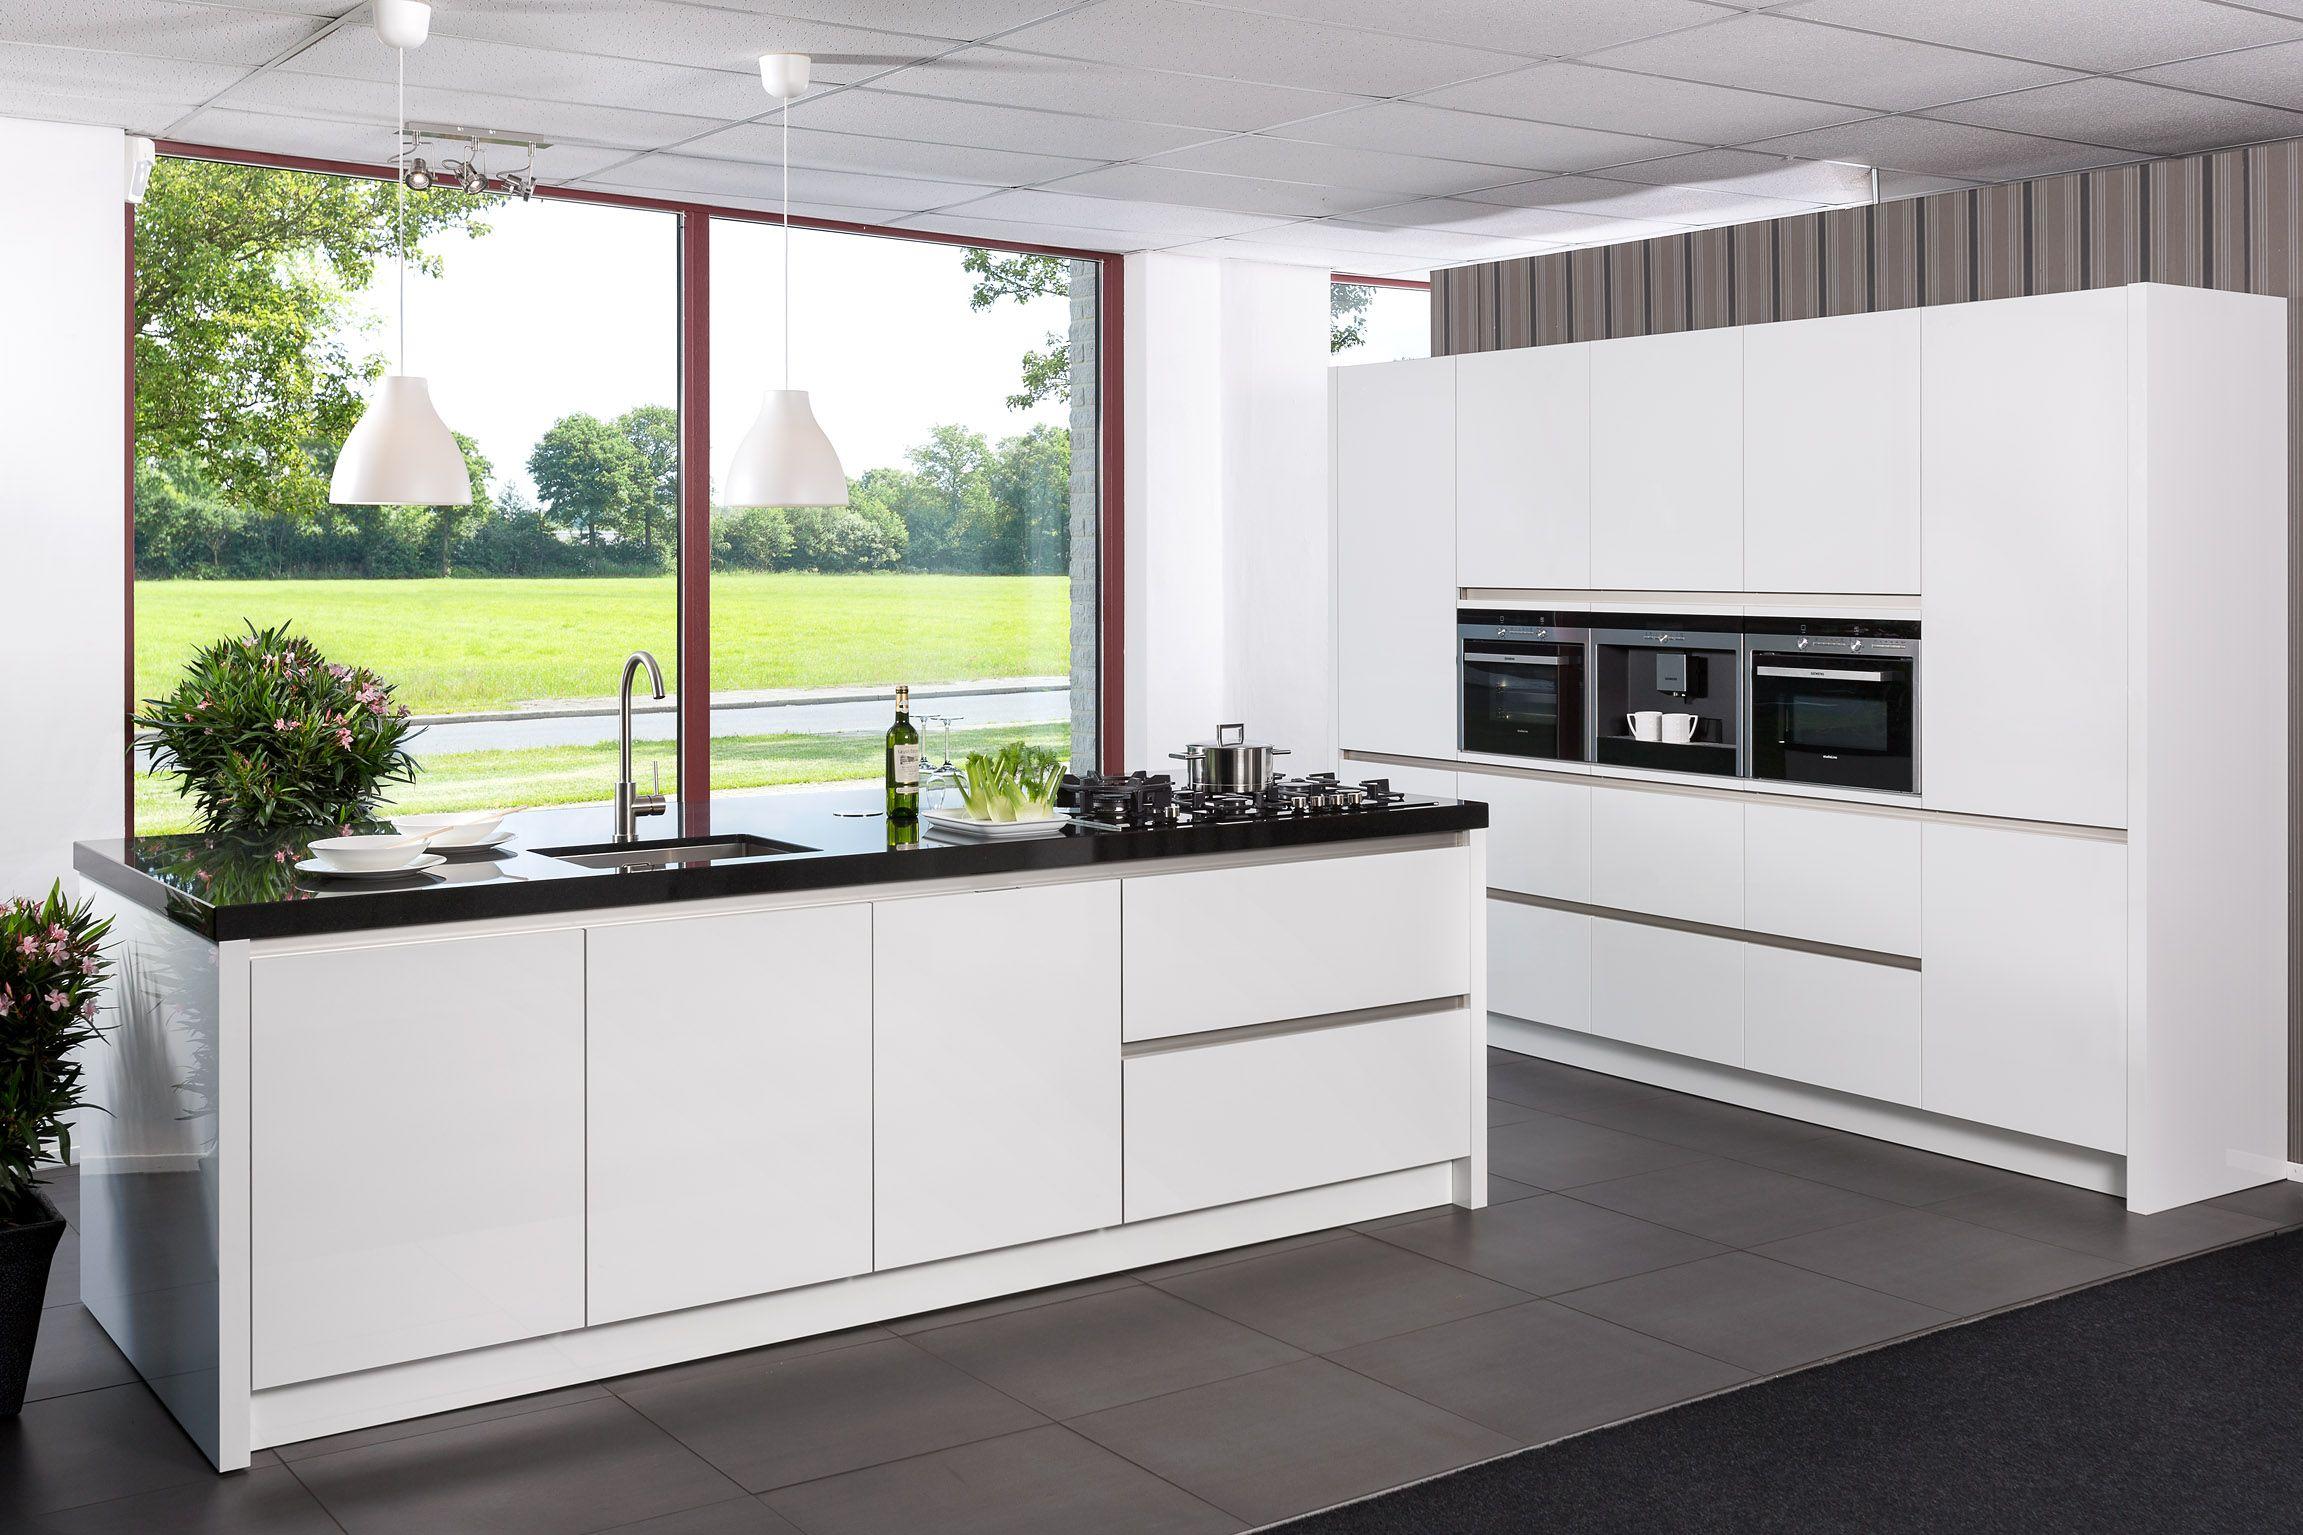 Afmetingen Keuken Kookeiland : keukens voor zeer lage keuken prijzen GREEPLOZE SIEMENS KEUKEN